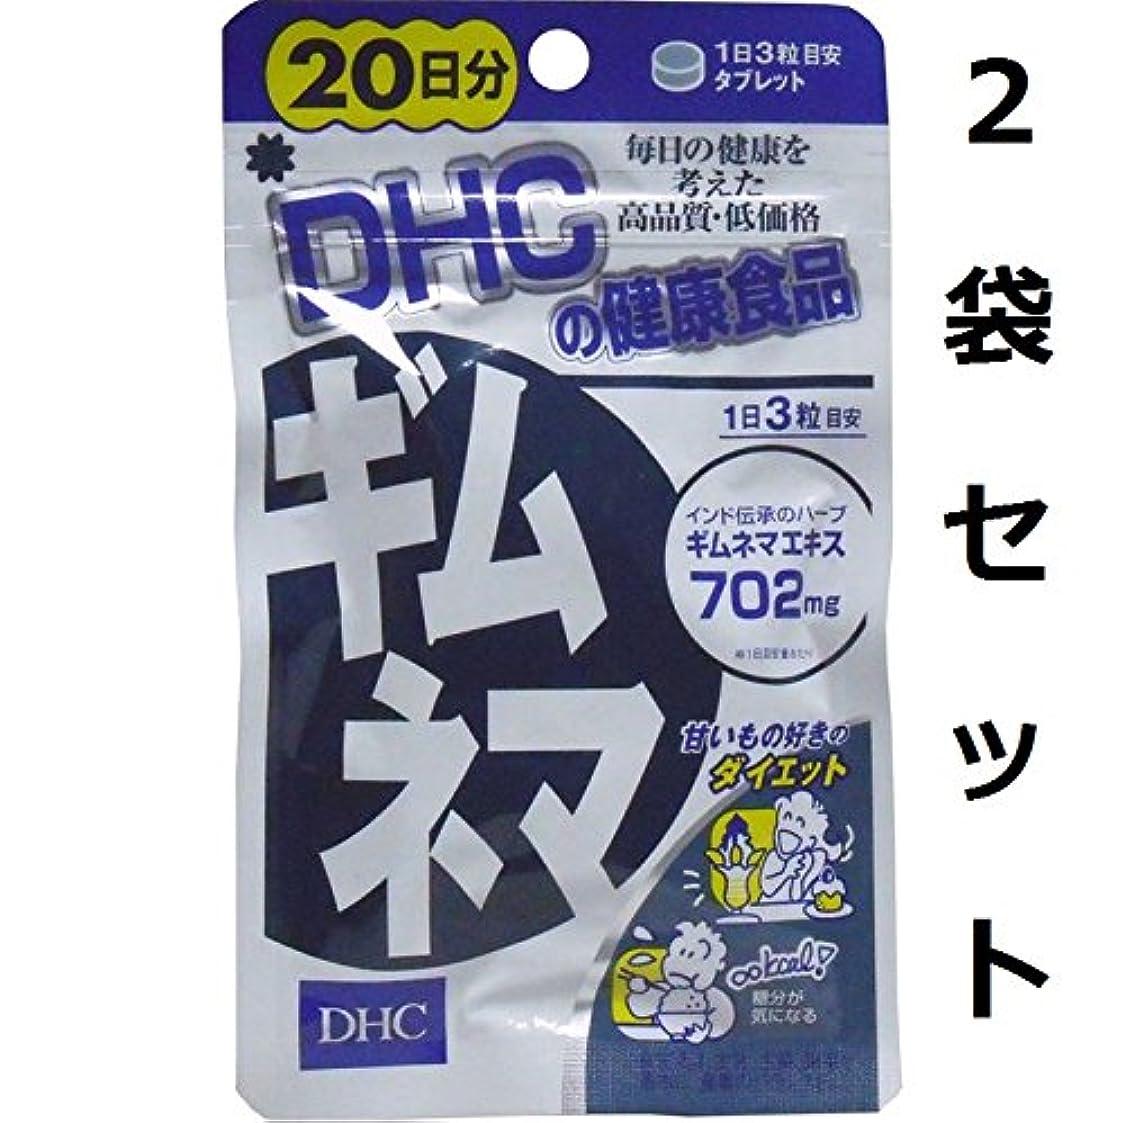 イブニング汚い写真糖分や炭水化物を多く摂る人に DHC ギムネマ 20日分 60粒 2袋セット